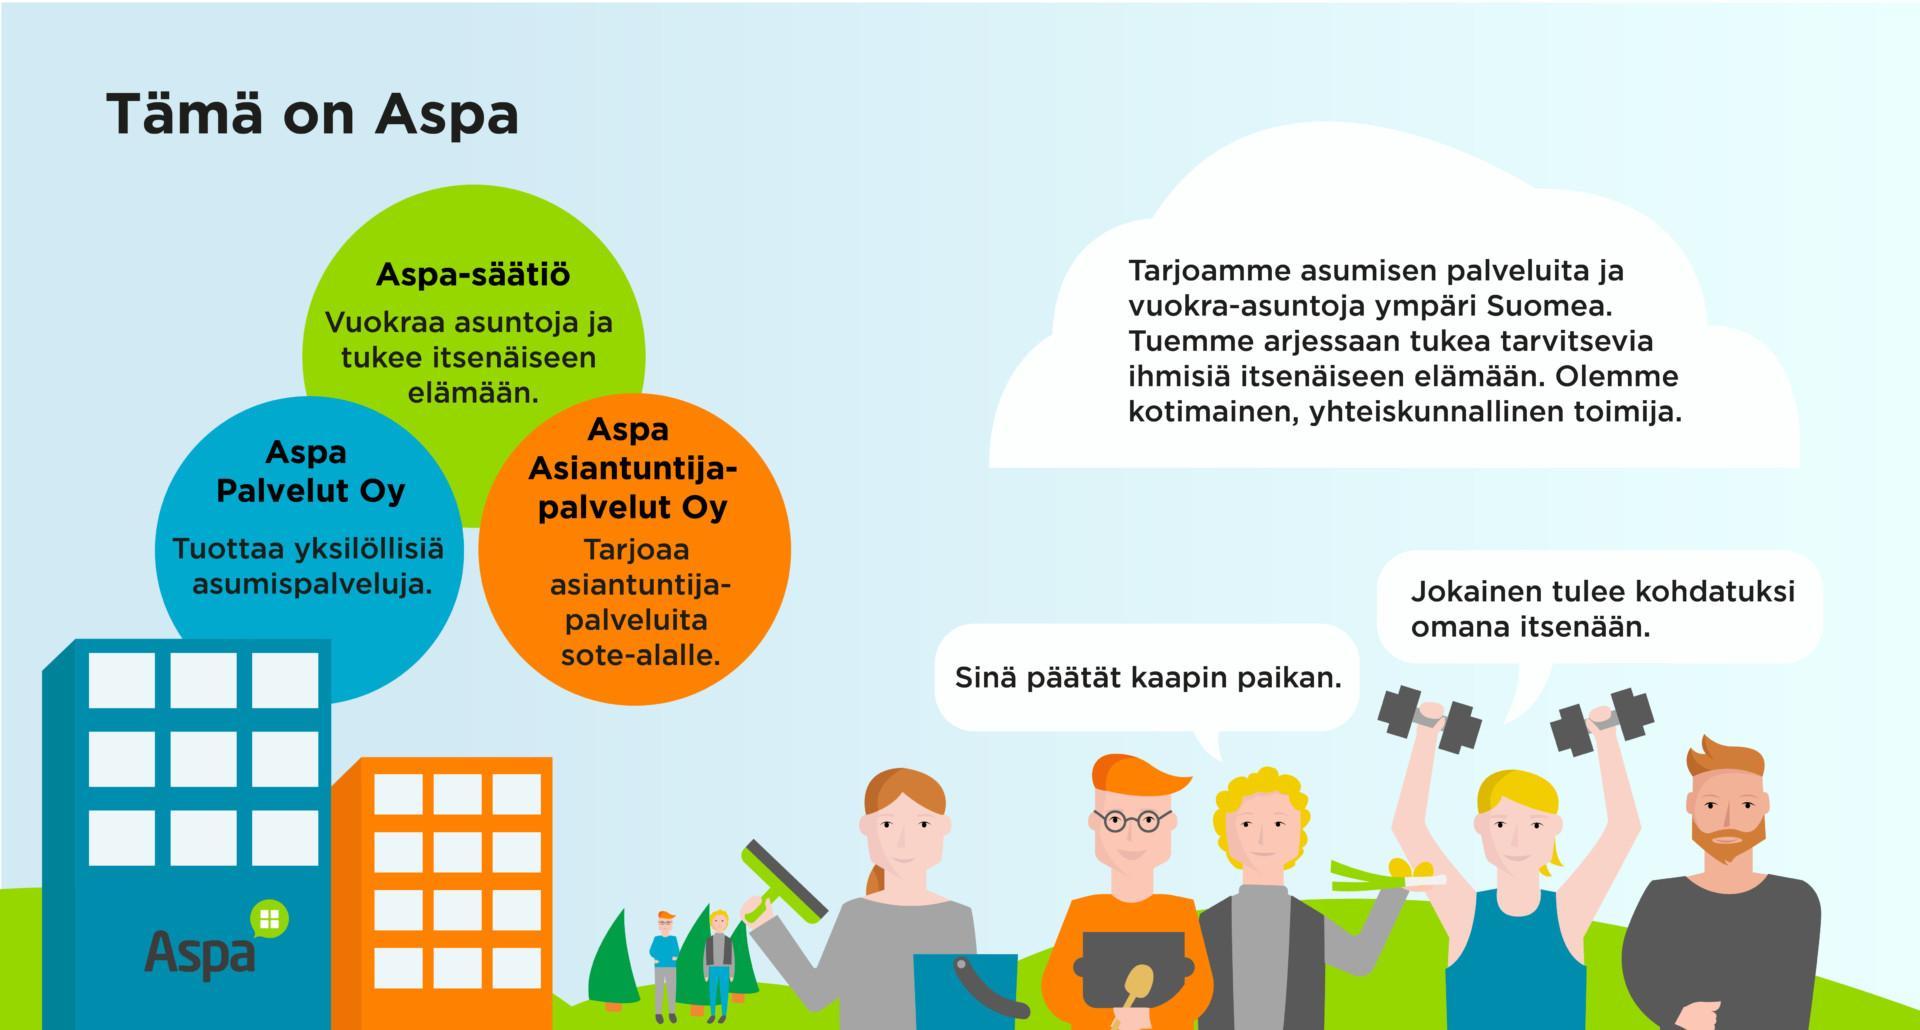 Tarjoamme asumisen palveluita ja vuokra-asuntoja ympäri Suomea. Tuemme arjessaan tukea tarvitsevia ihmisiä itsenäiseen elämään. Olemme kotimainen, yhteiskunnallinen toimija. Meillä jokainen tulee kohdatuksi omana itsenään. Aspan muodostavat Aspa-säätiö, Aspa Palvelut Oy sekä Aspa Asiantuntijapalvelut Oy.